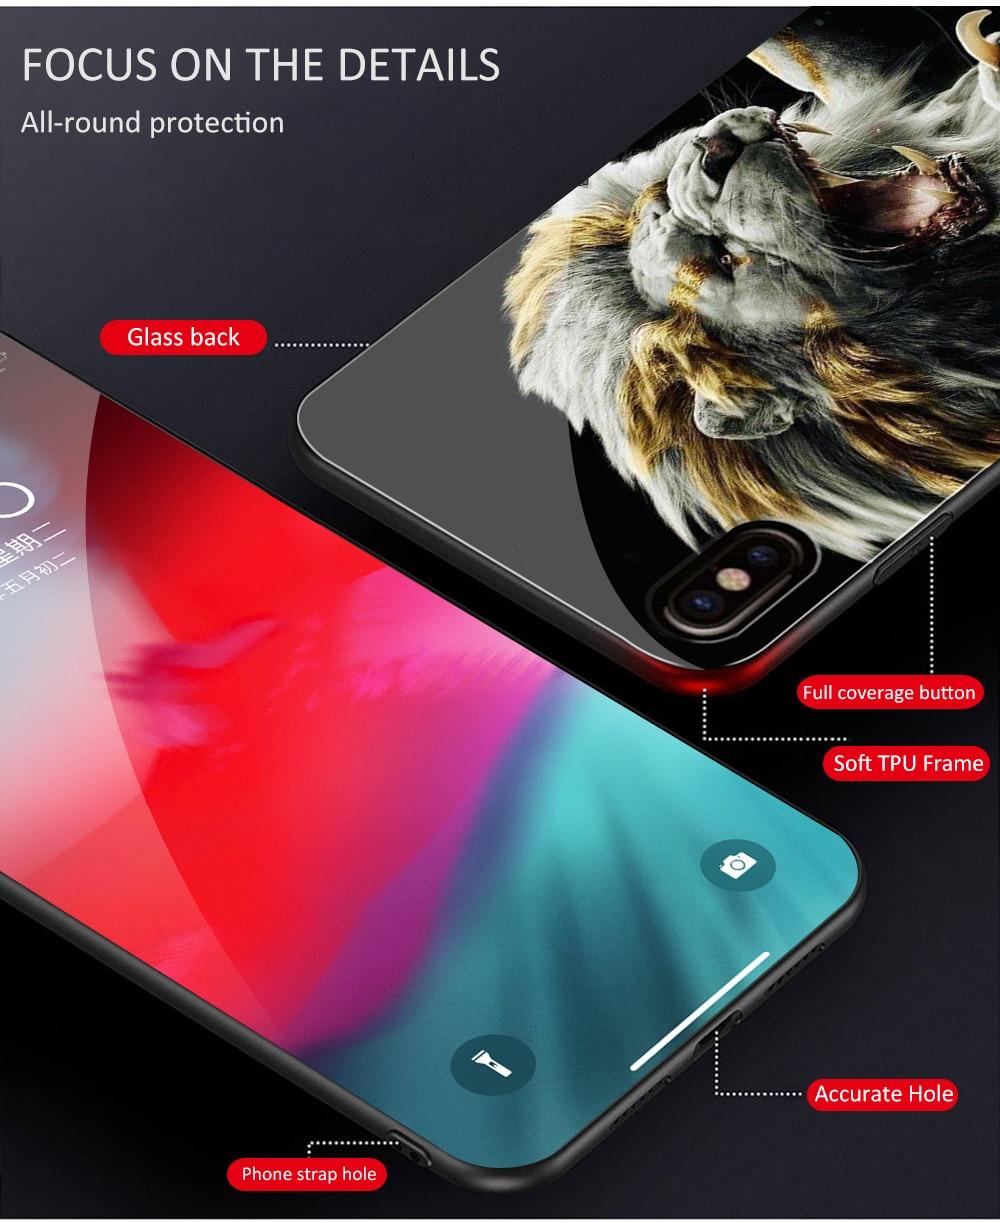 新店-iphone详情4-细节说明